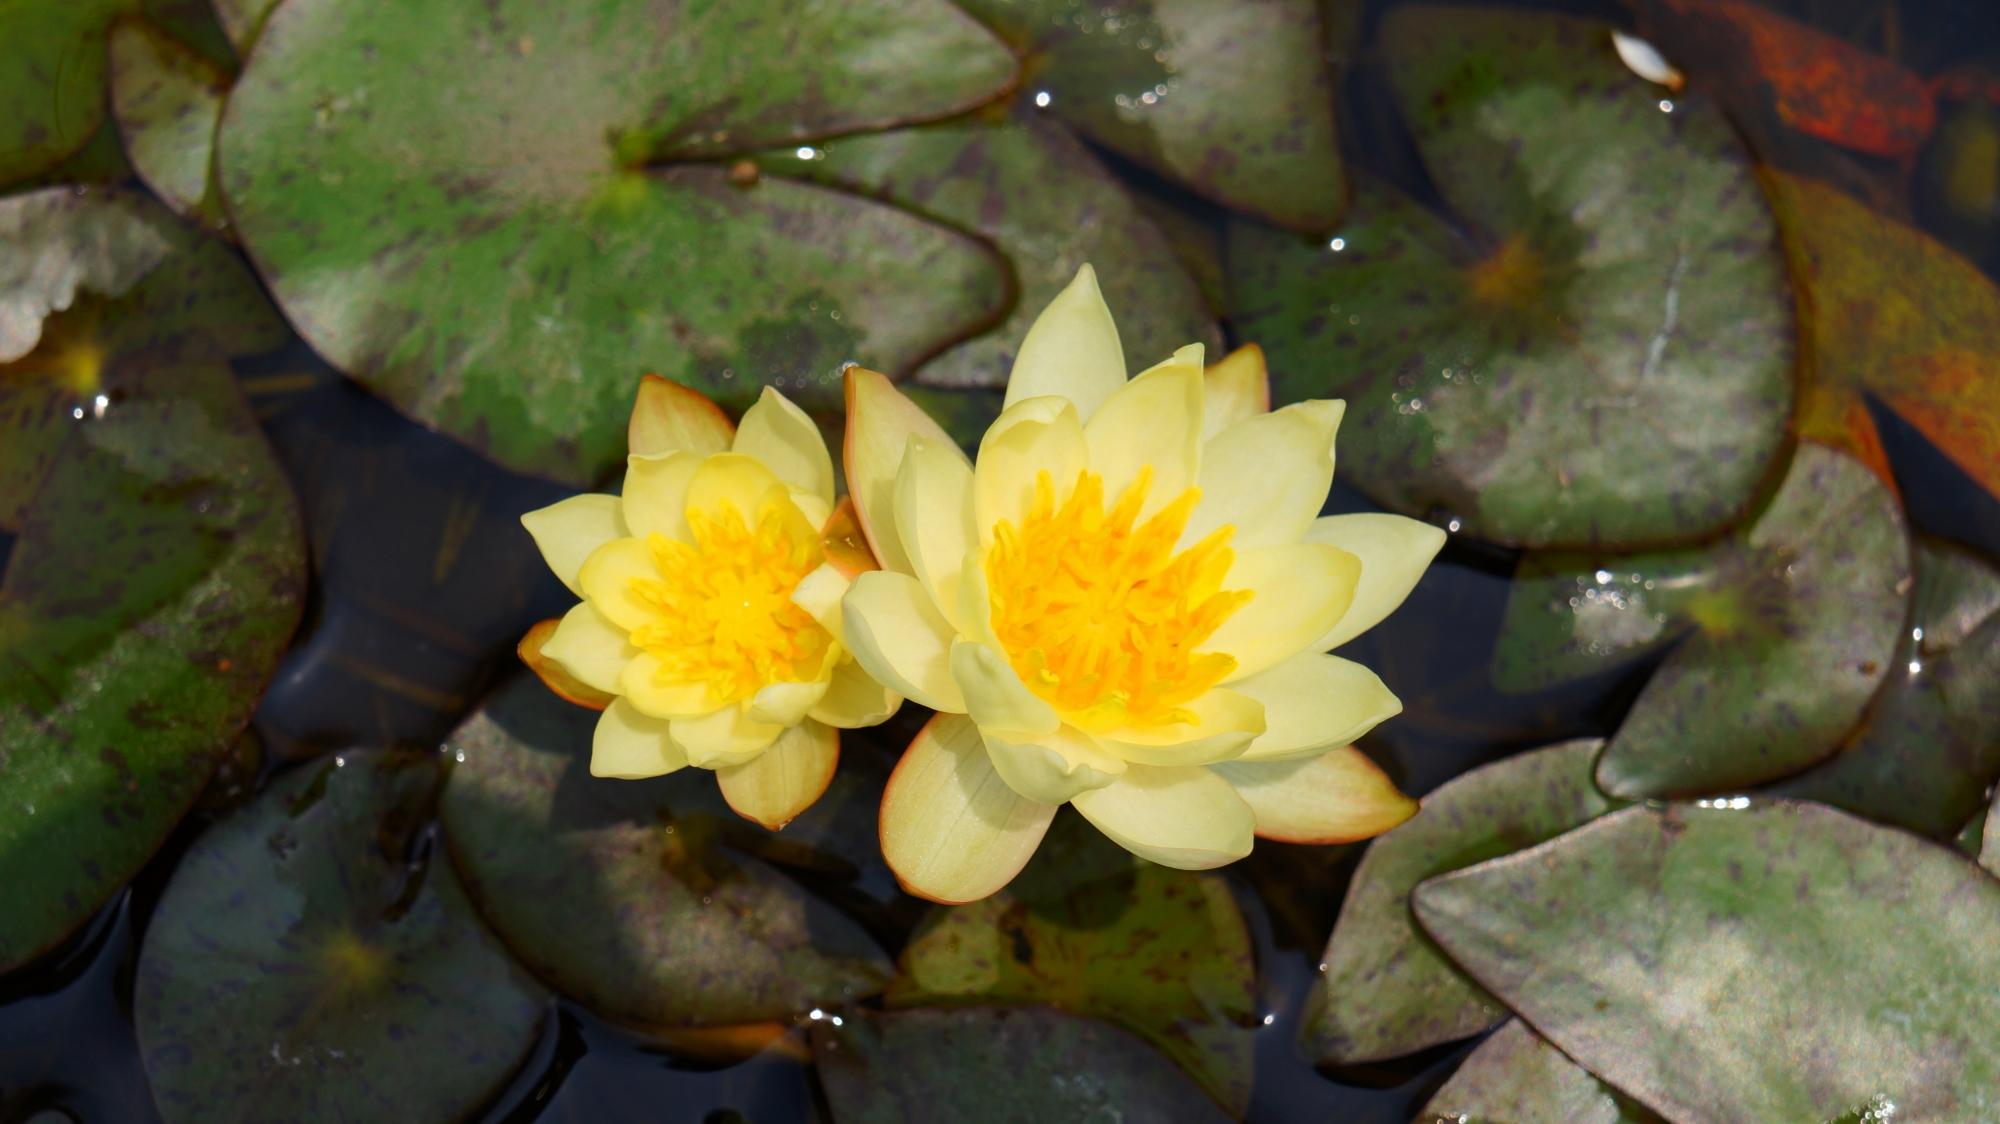 光るような法金剛院の黄色い睡蓮